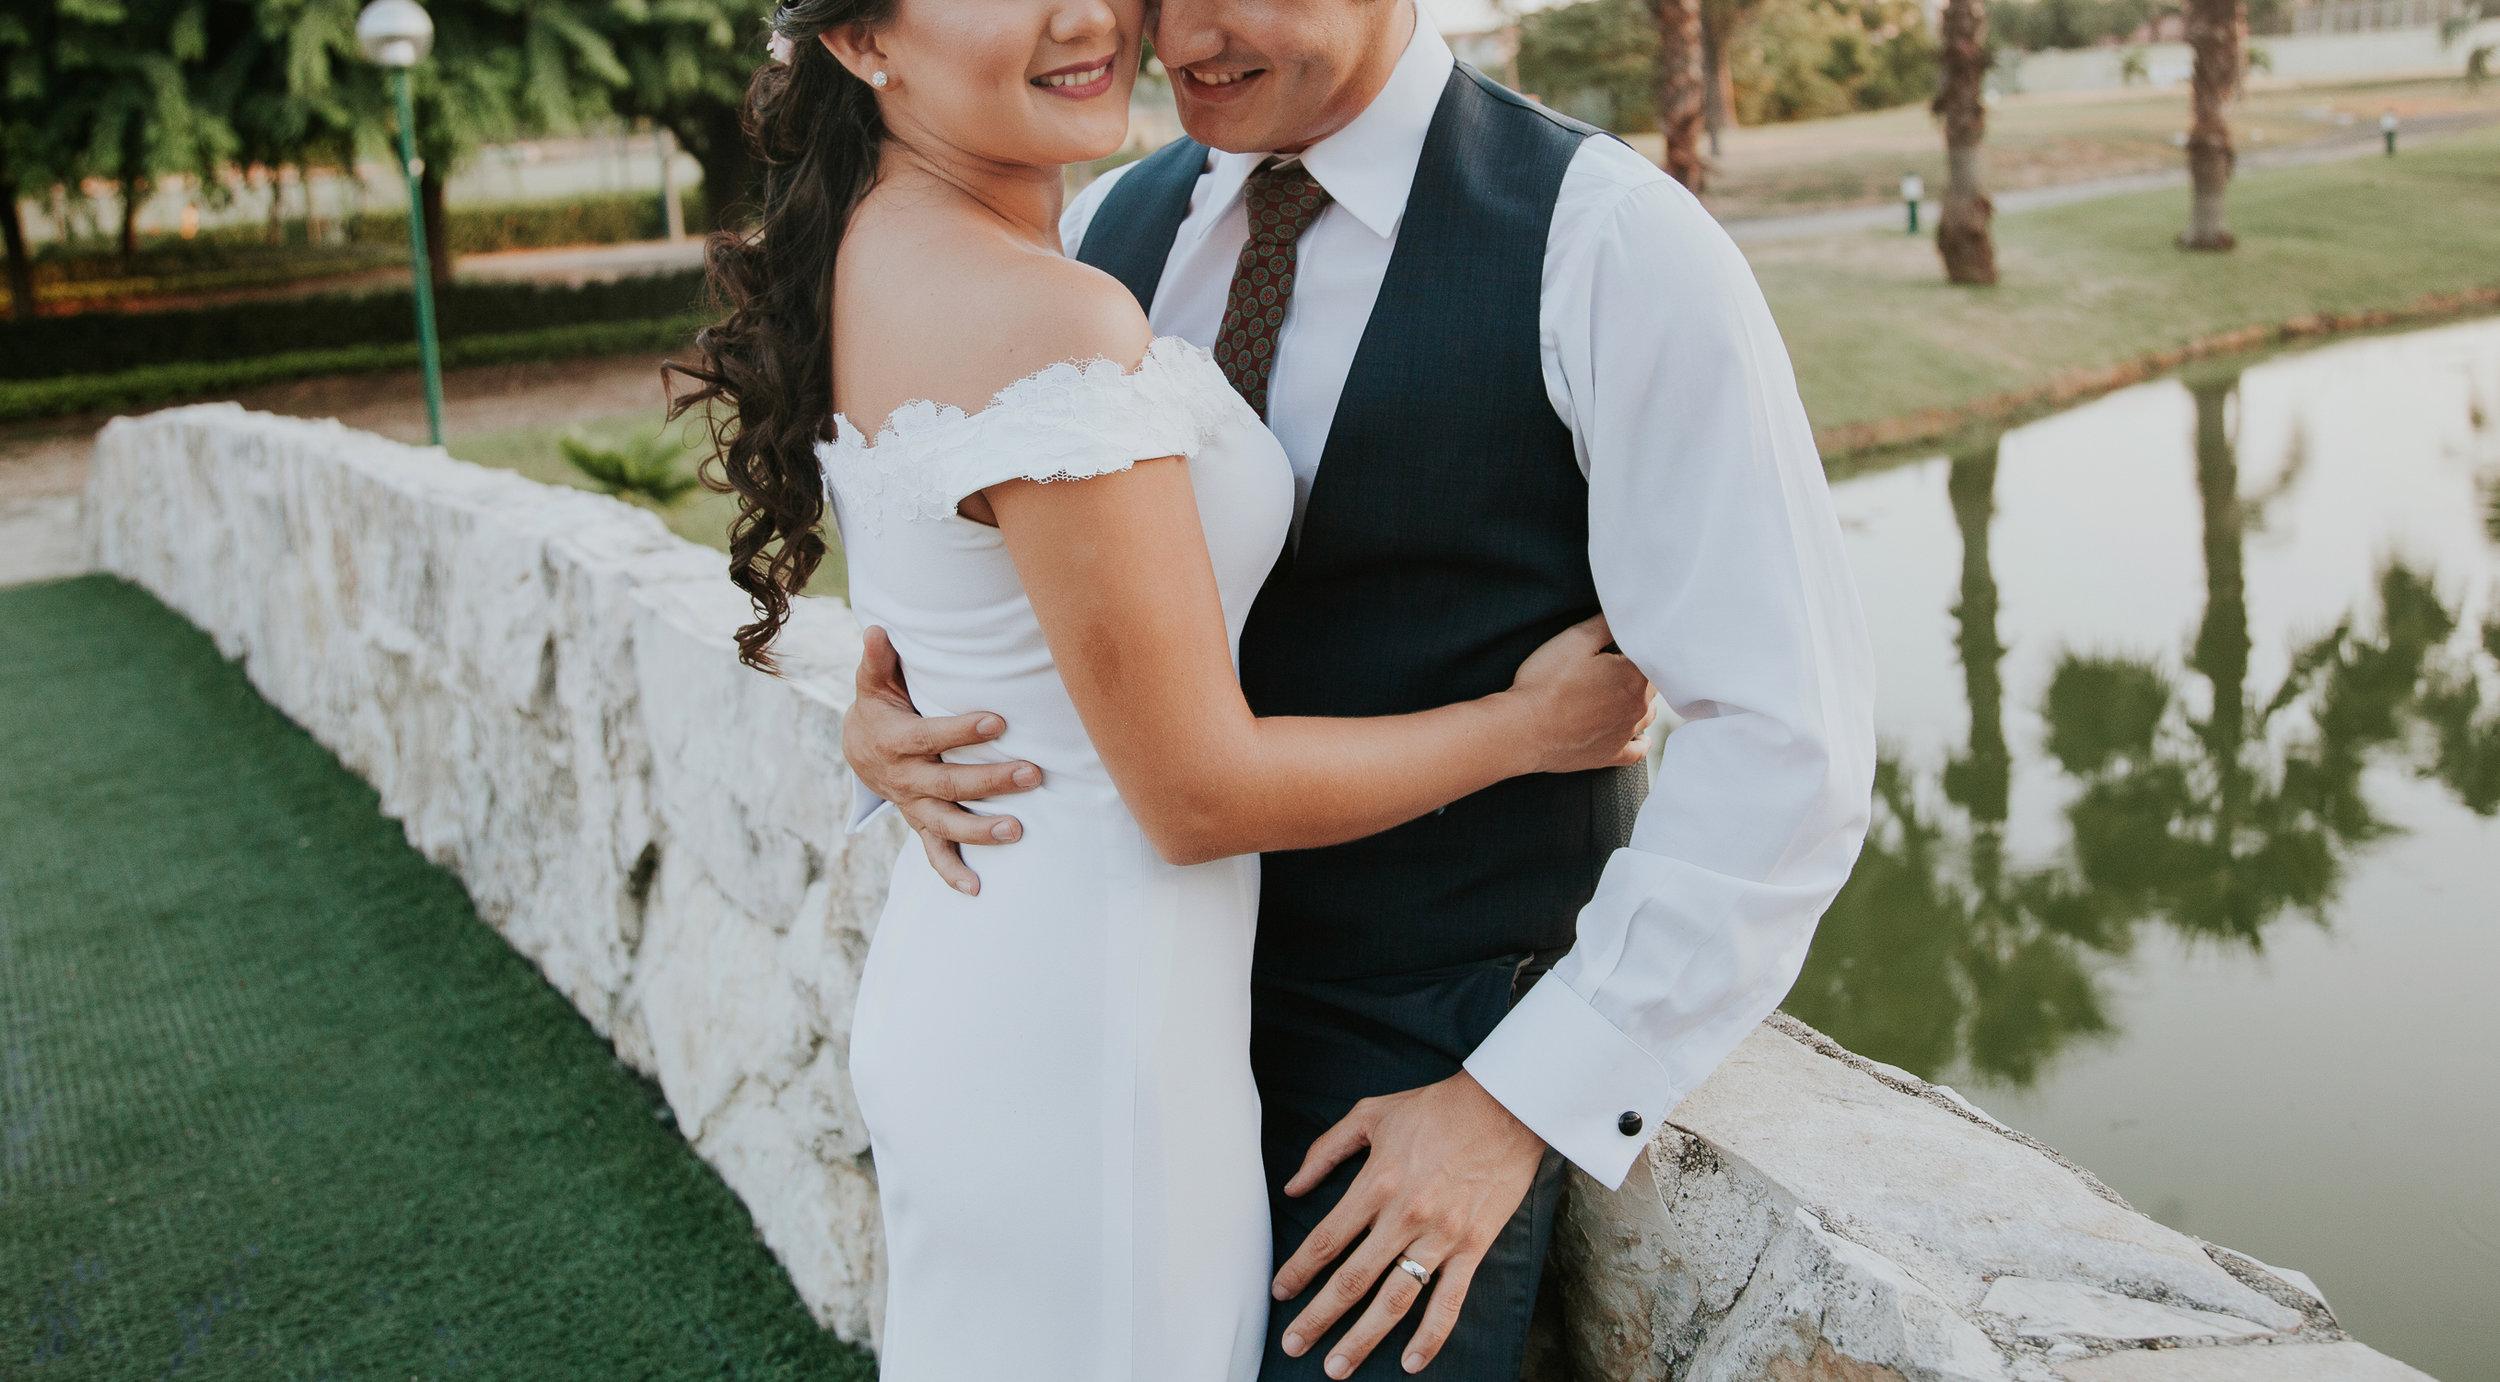 Michelle-Agurto-Fotografia-Bodas-Ecuador-Destination-Wedding-Photographer-Adriana-Allan-9.JPG